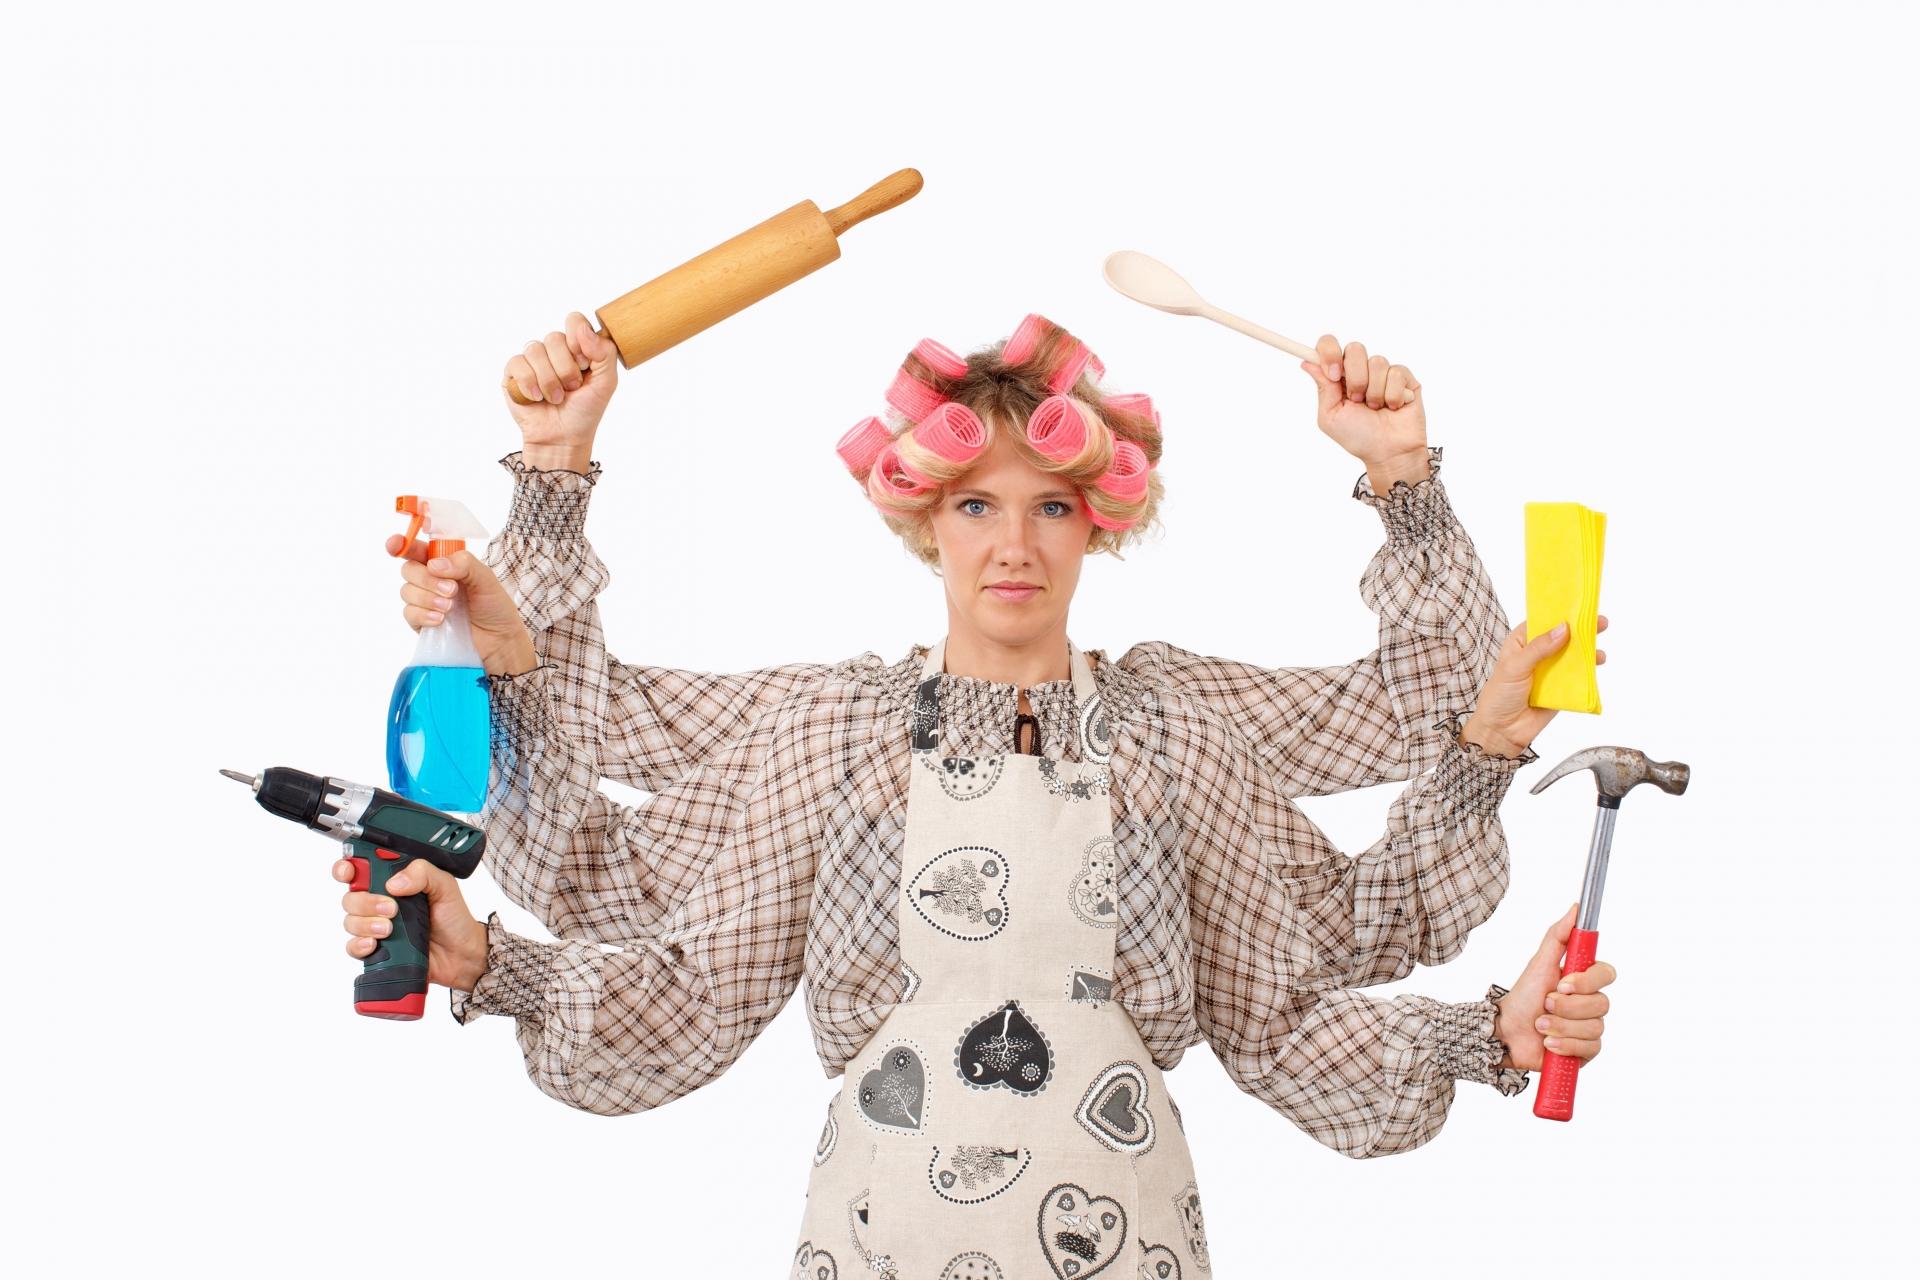 家事の時短テクで忙しい日々を乗り切るコツ。家事別に時短ワザを紹介!